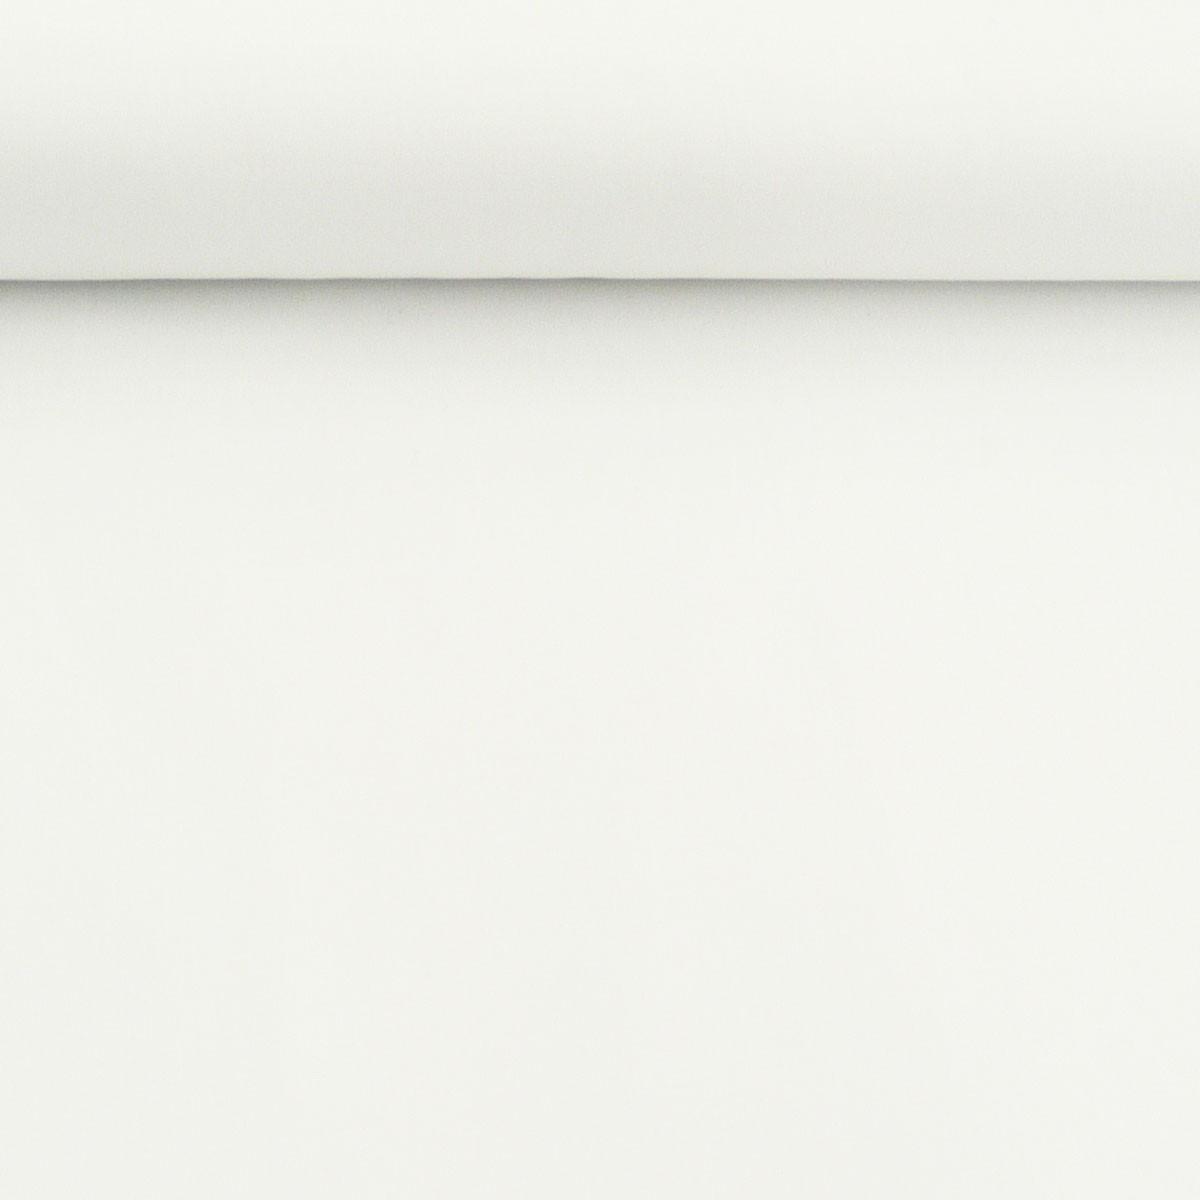 Baumwolle Stoff Meterware Satin Spandex weiß 1,45m Breite